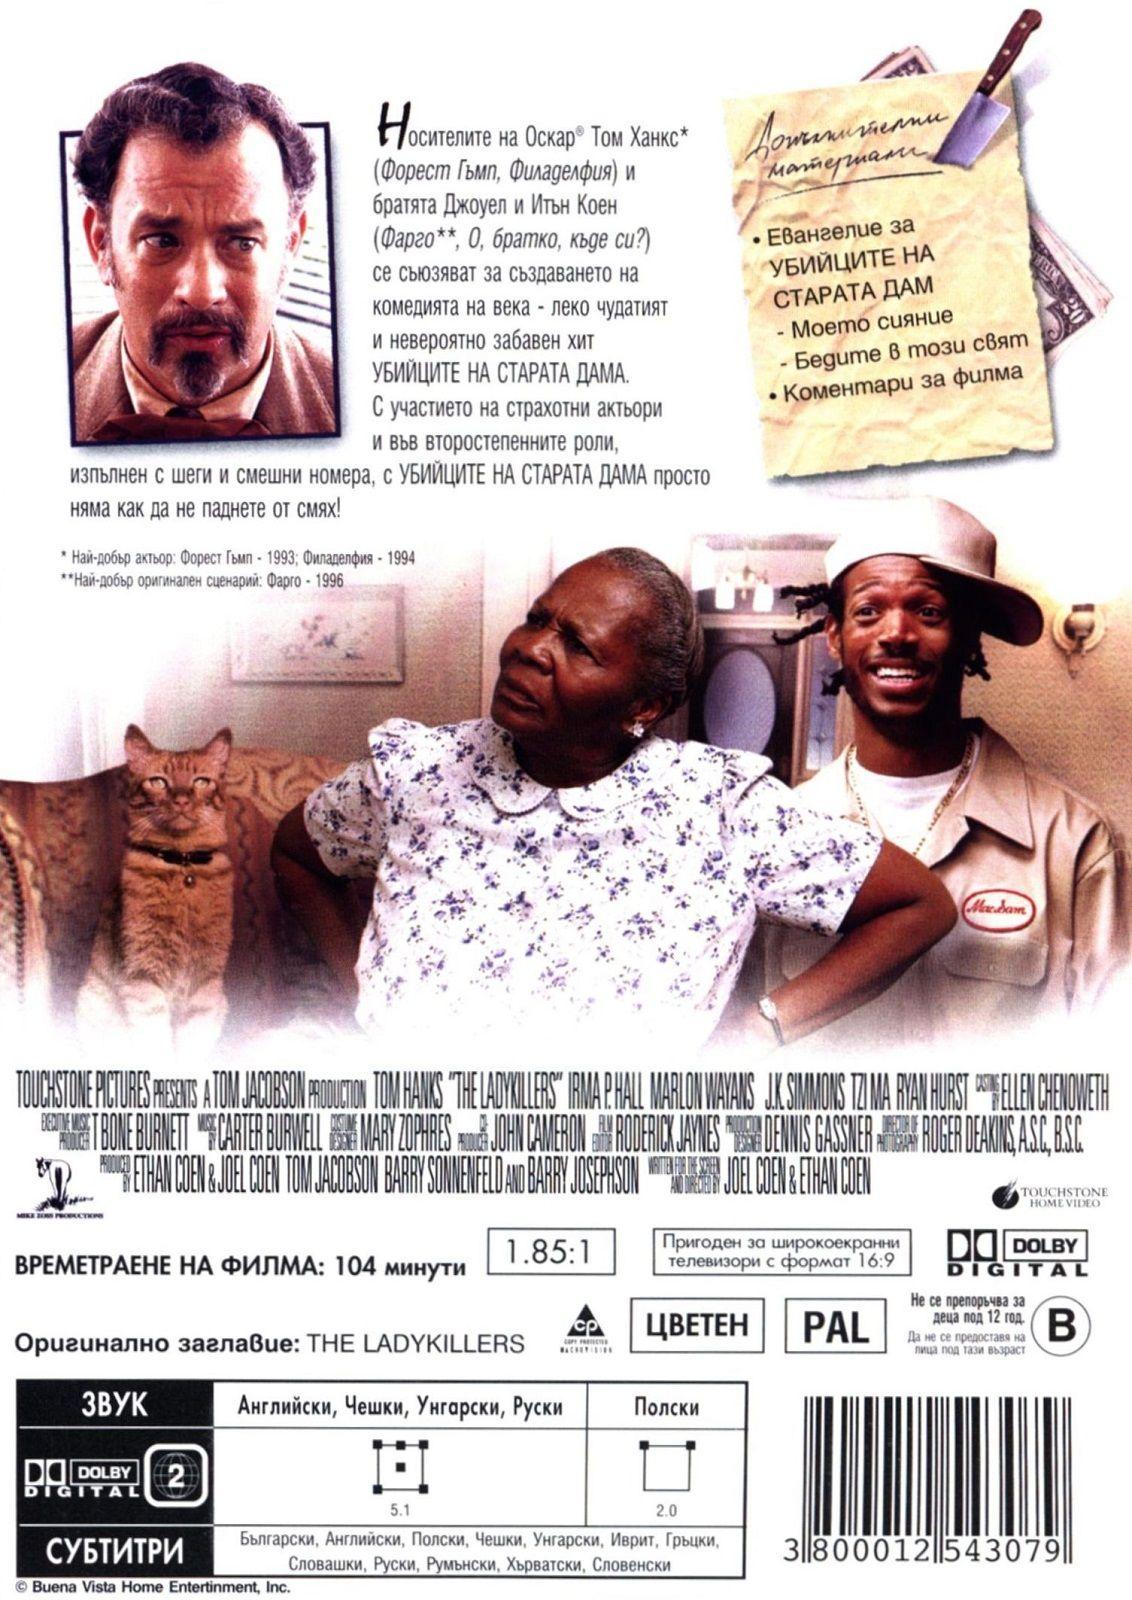 Убийците на старата дама (DVD) - 3